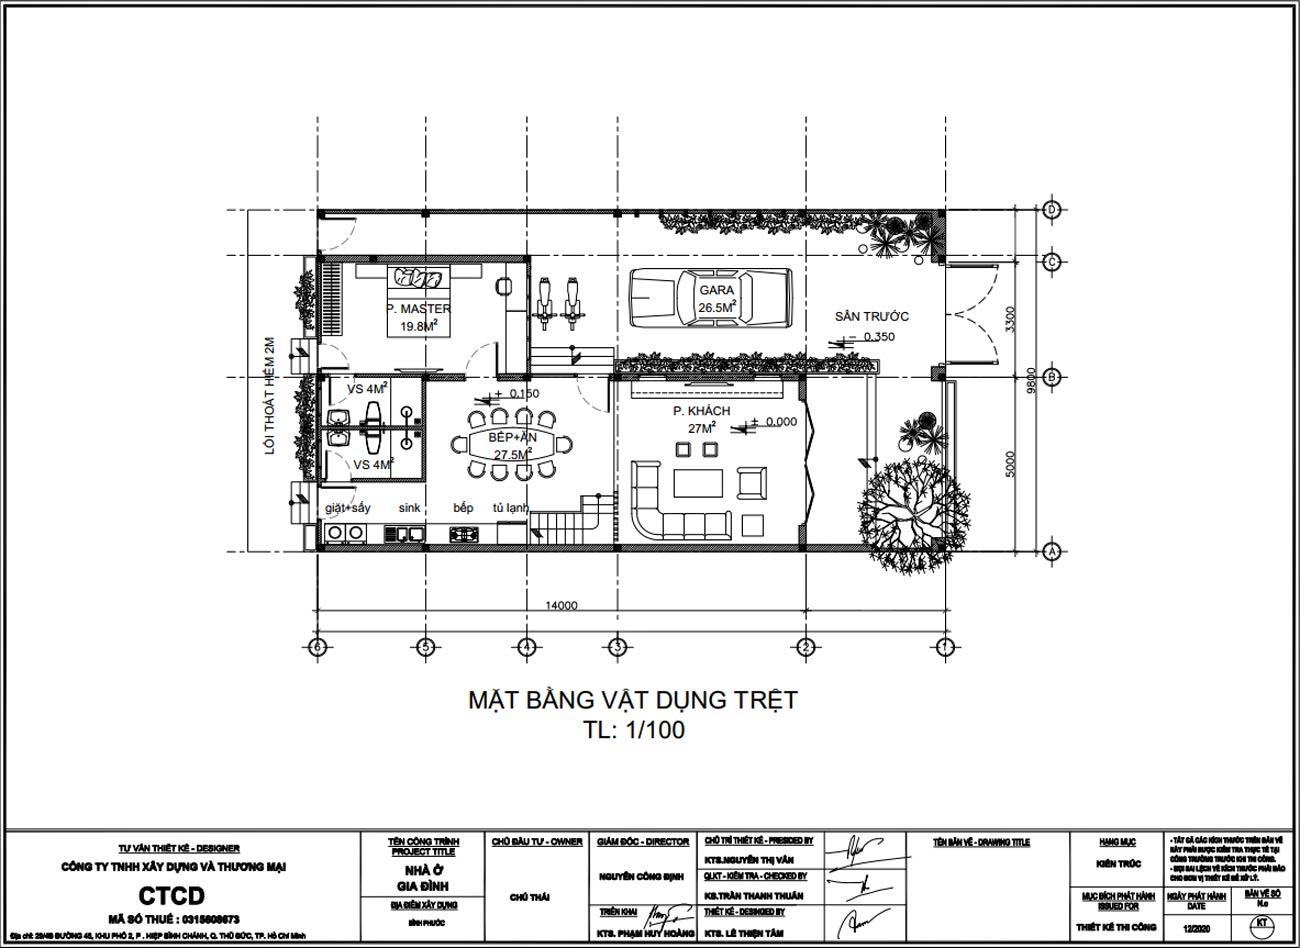 Mặt bằng công năng tầng trệt biệt thự 2 tầng 3 phòng ngủ